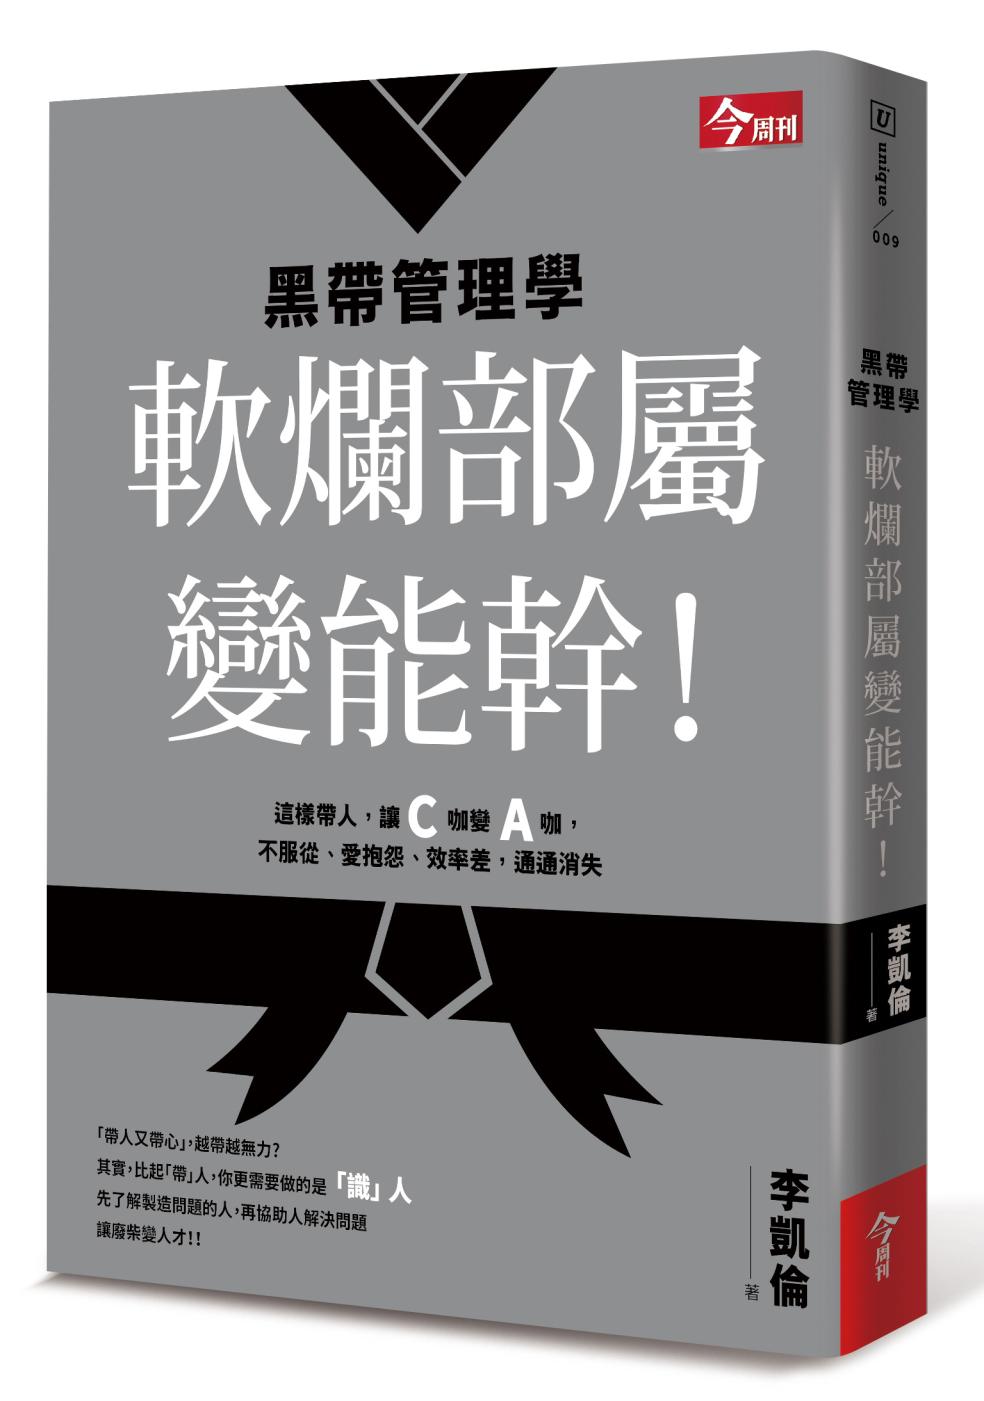 ◤博客來BOOKS◢ 暢銷書榜《推薦》黑帶管理學:軟爛部屬變能幹!這樣帶人,讓C咖變A咖,不服從、愛抱怨、效率差,通通消失